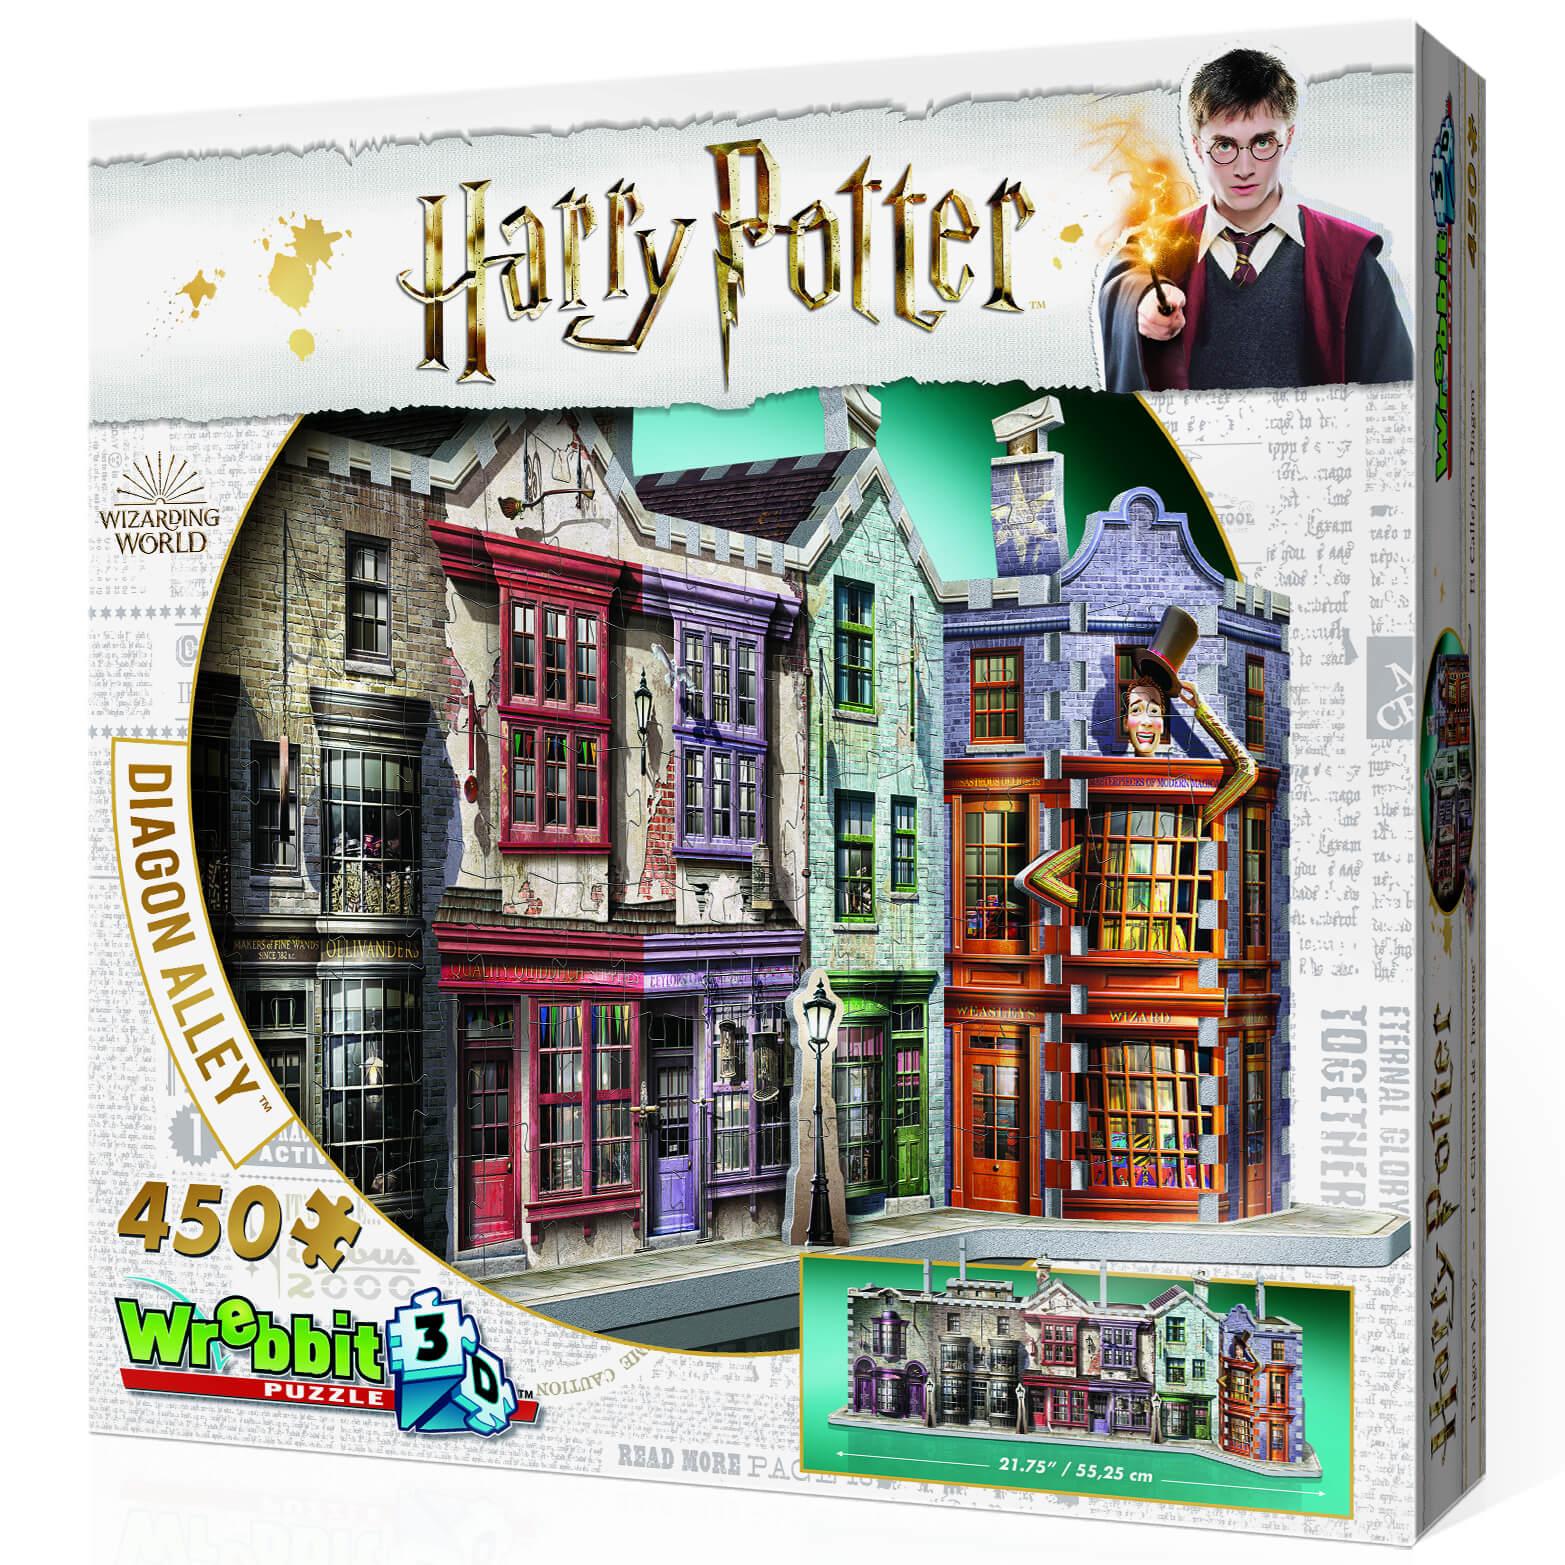 Harry Potter Diagon Alley 3D Puzzle (450 Pieces)